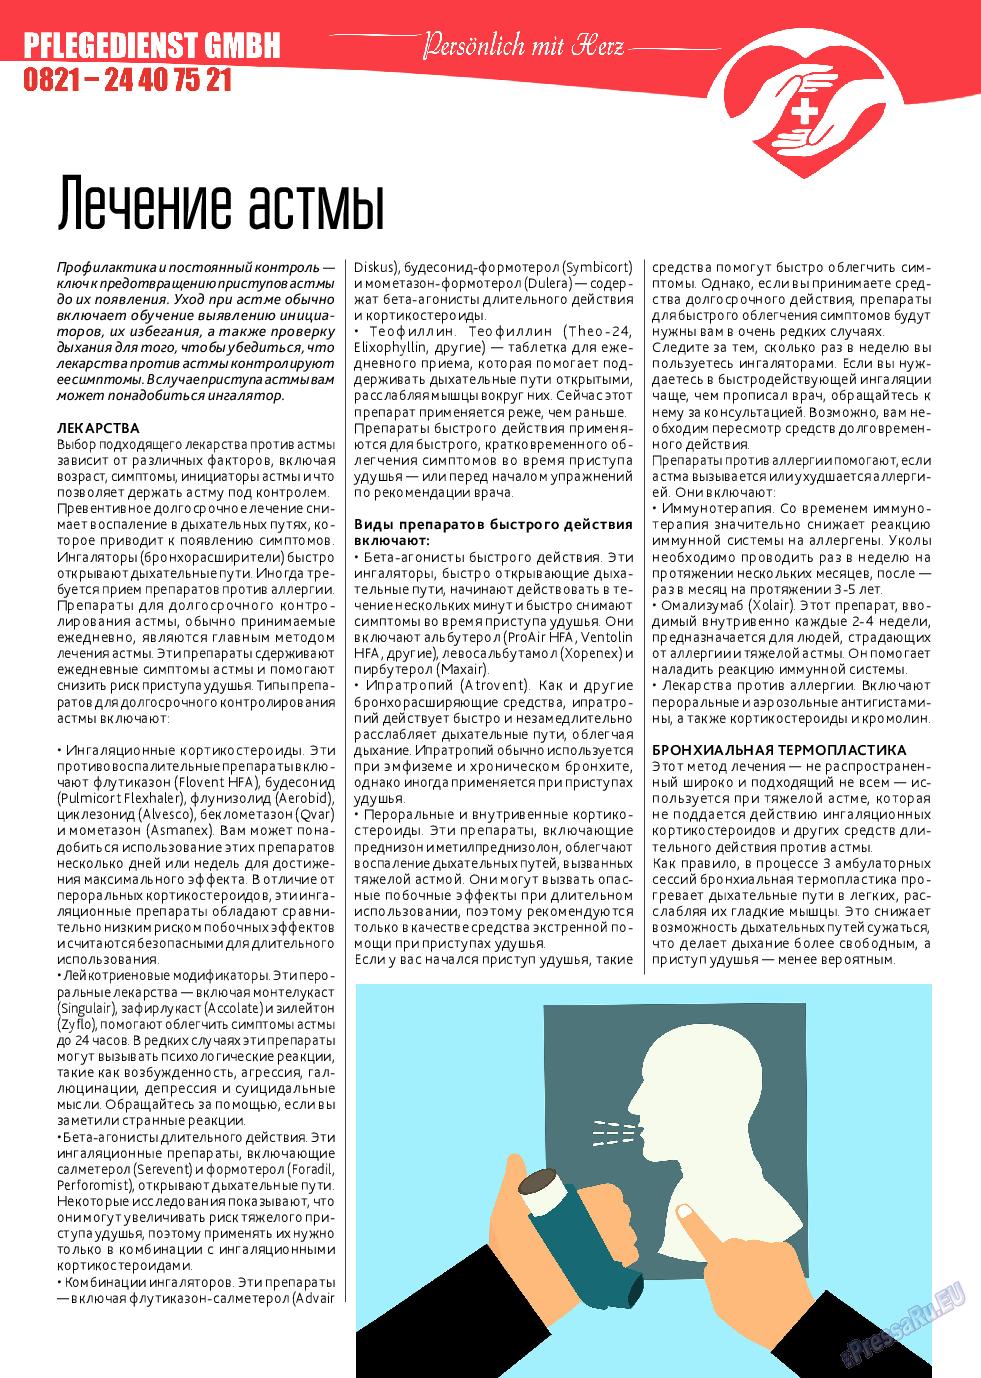 Афиша Augsburg (журнал). 2019 год, номер 1, стр. 13